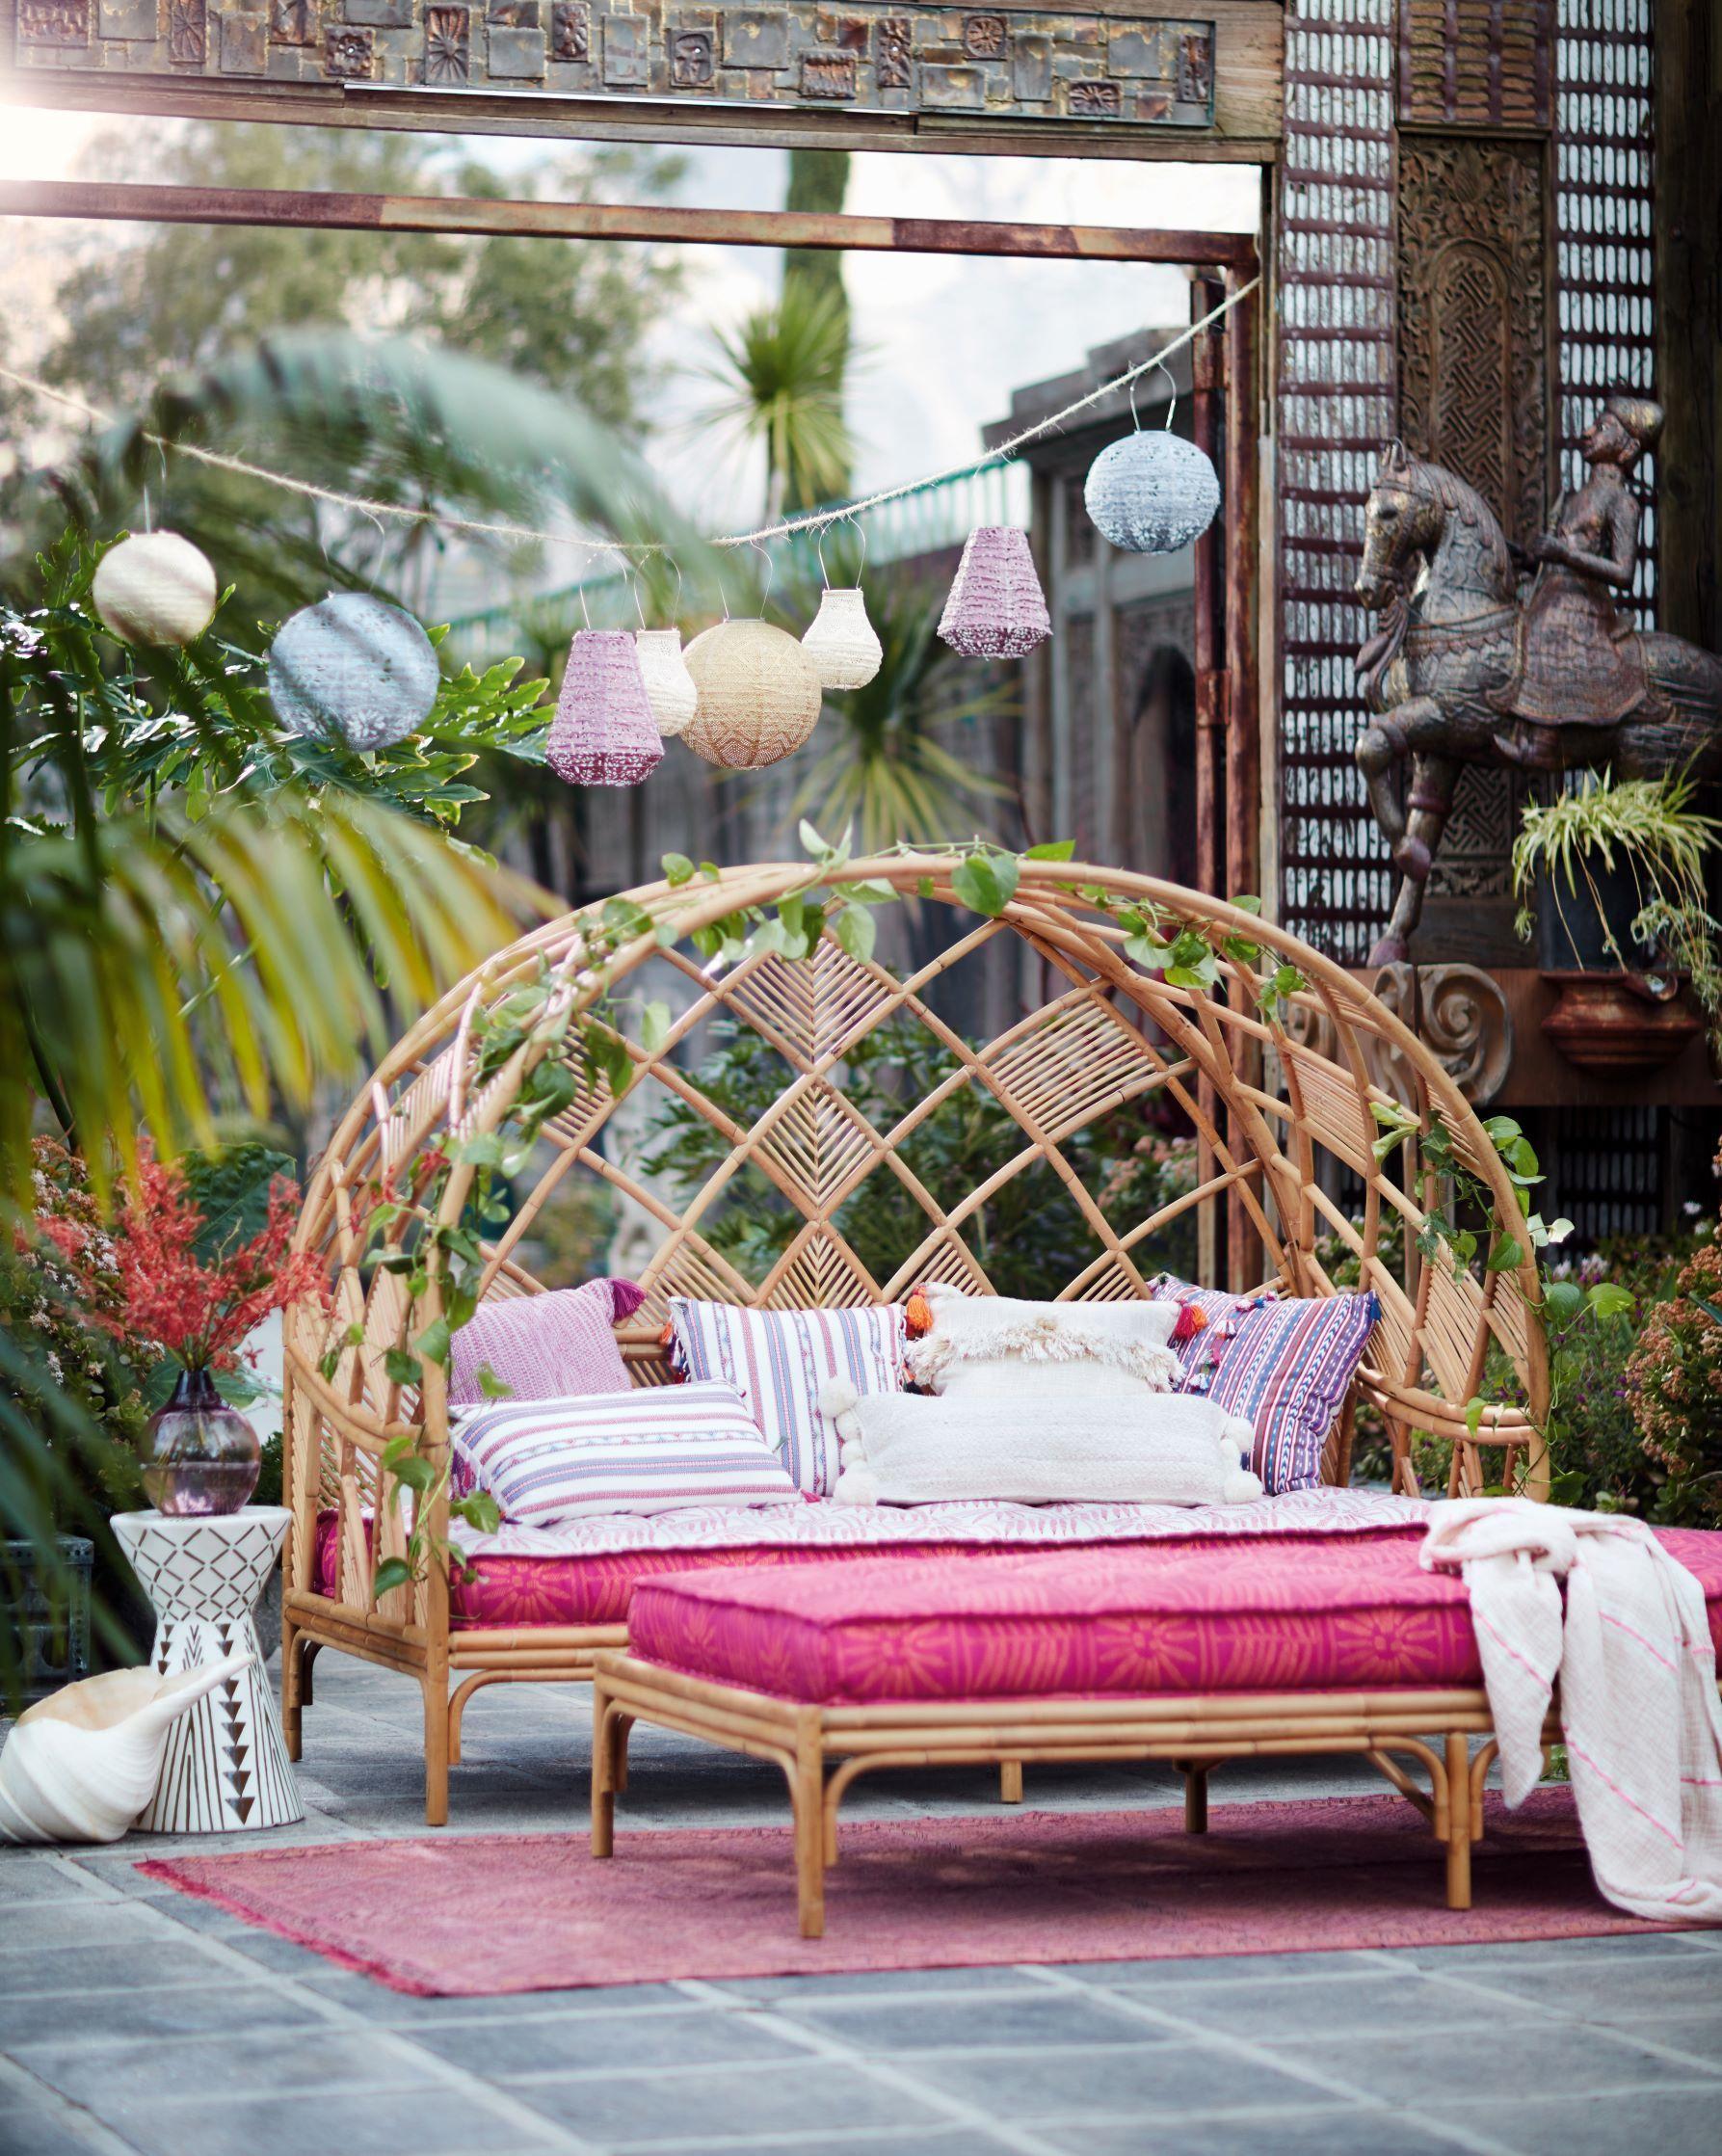 Peacock Cabana Indoor/Outdoor Daybed | Outdoor daybed ... on Living Spaces Outdoor Daybed id=83126